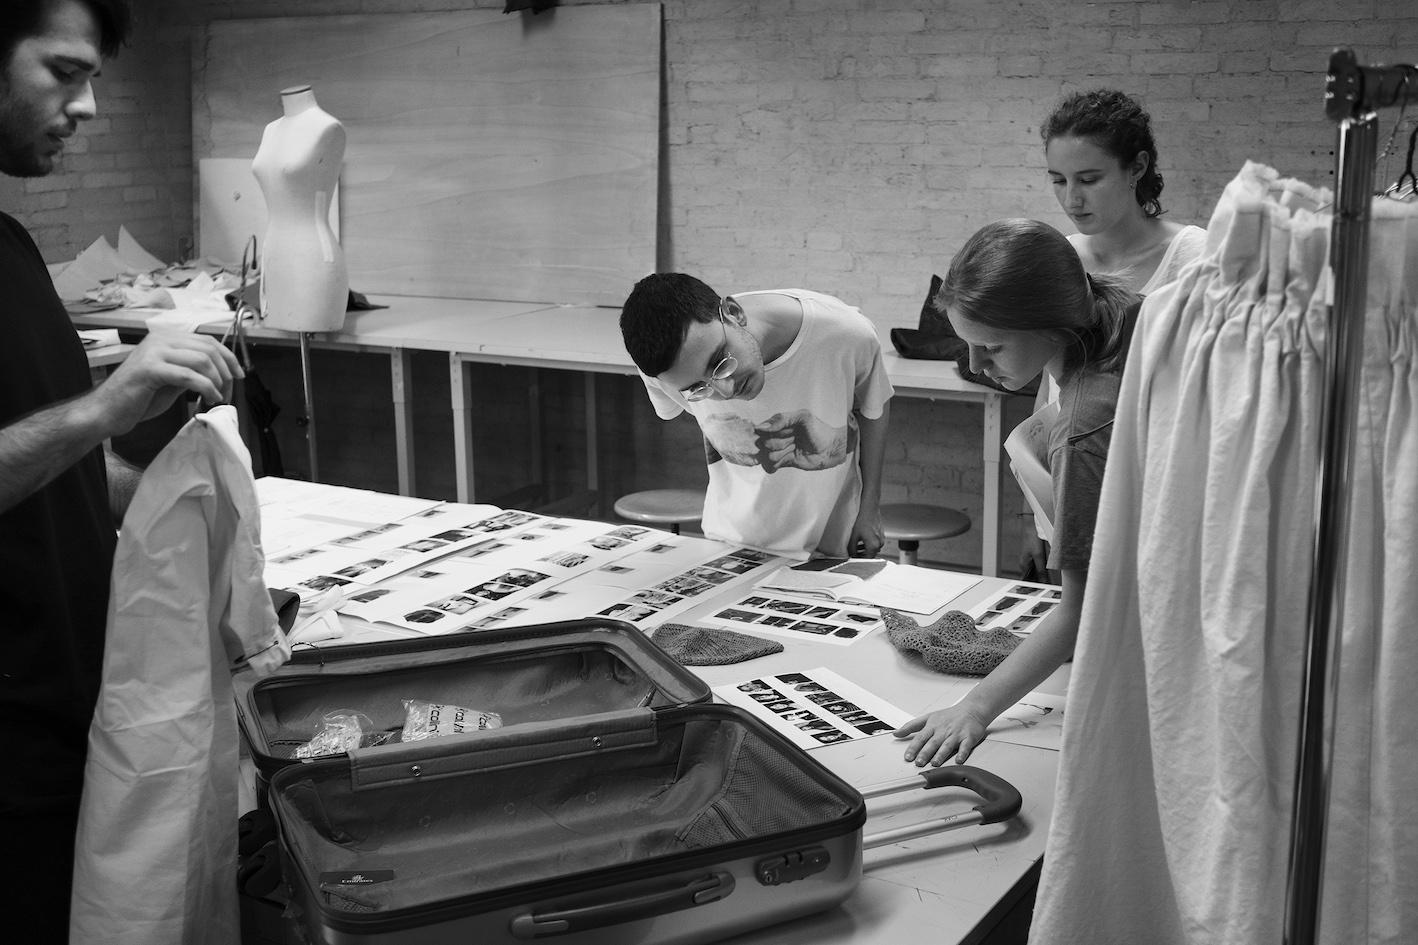 Studenti del corso di laurea magistrale in moda al lavoro, 2016 (foto: Francesco de Luca)